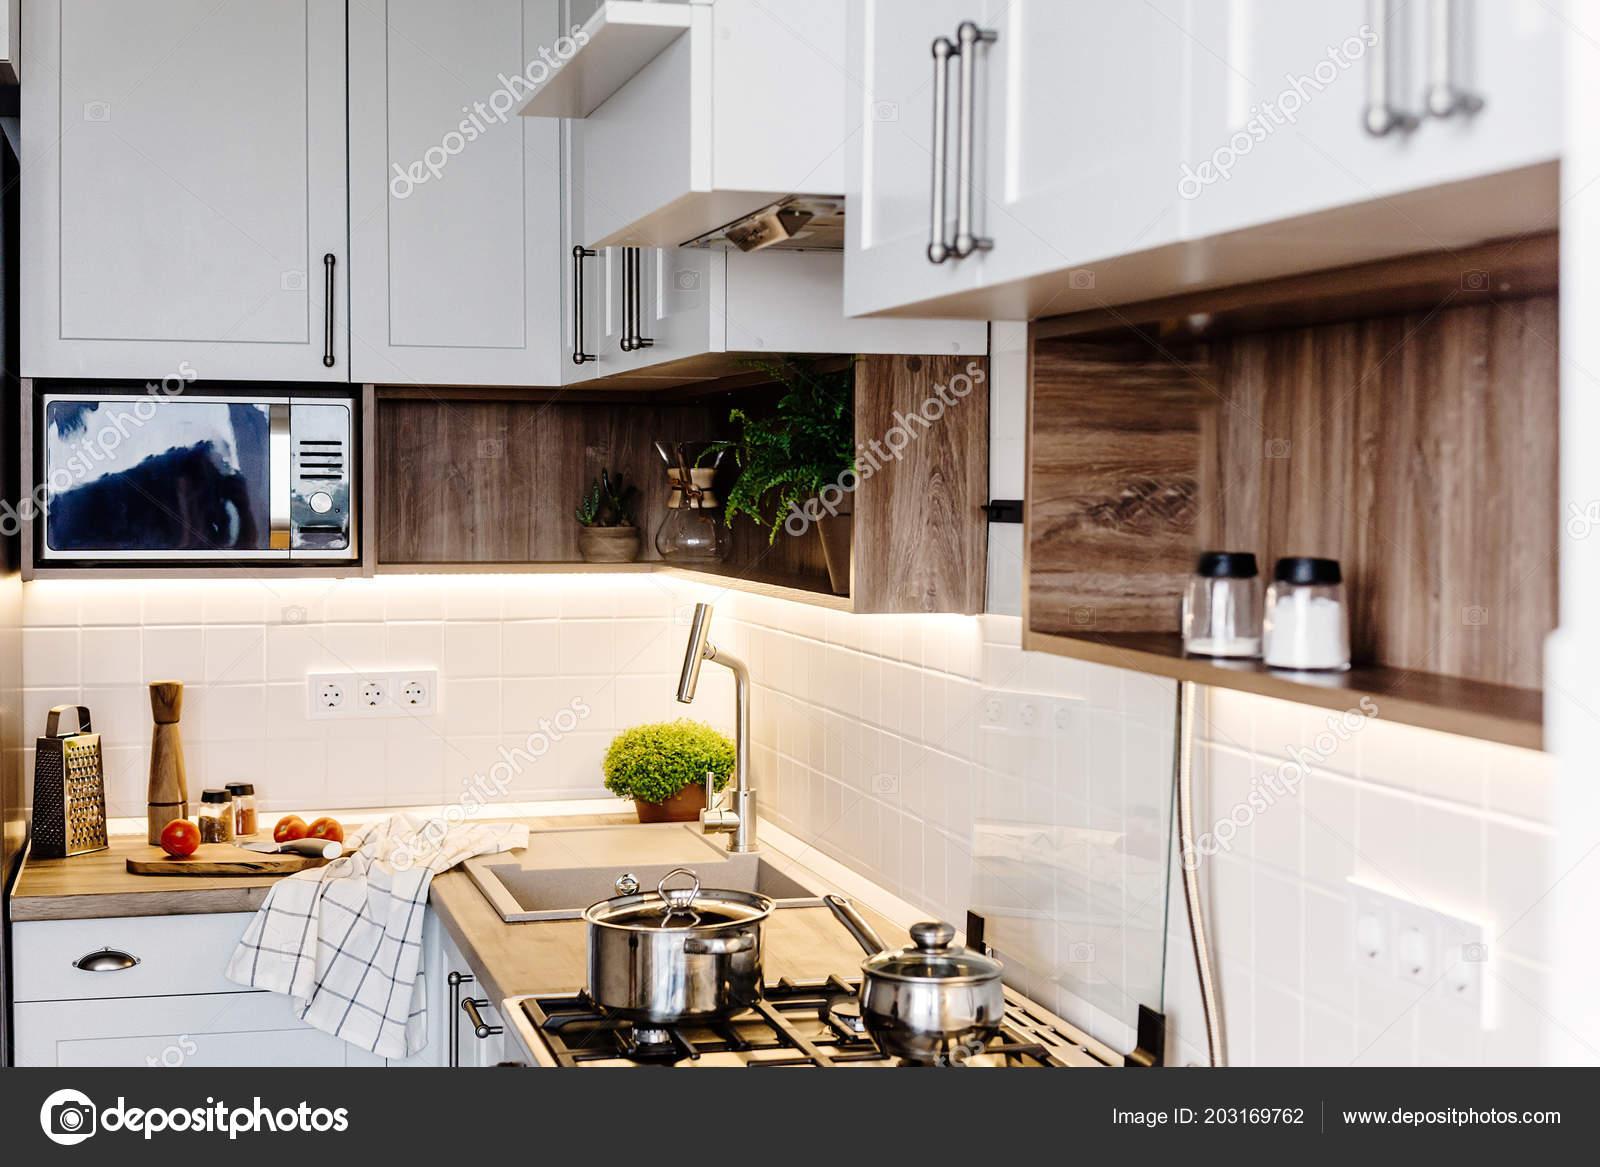 Keuken Interieur Scandinavisch : Koken moderne keuken scandinavische stijl stijlvolle keuken